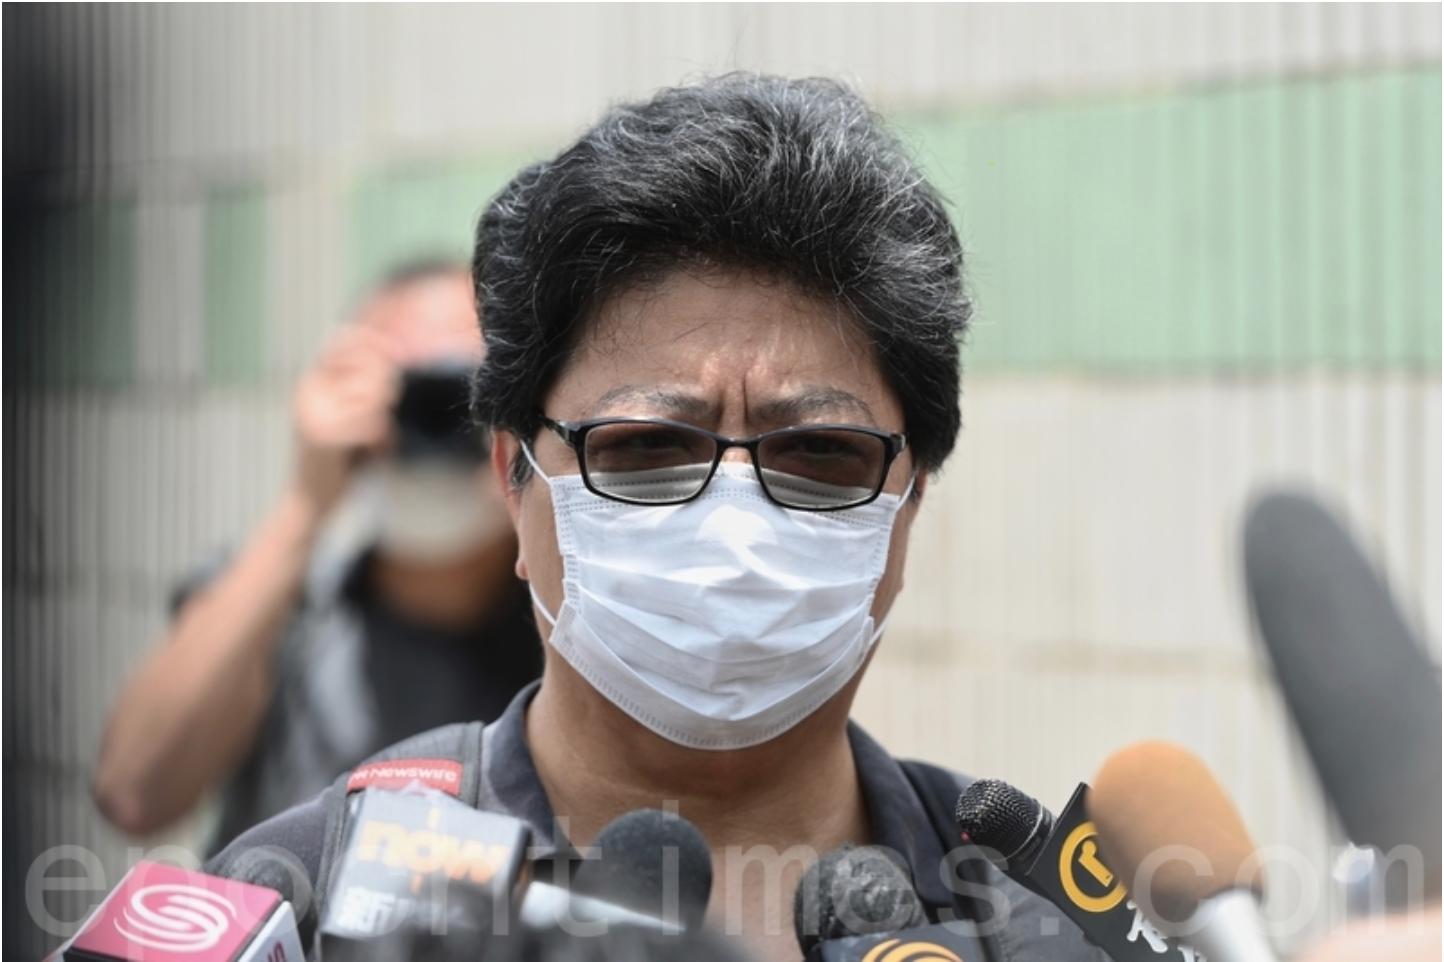 壹傳媒大樓被搜查,《蘋果日報》記者桌面被警員隨意翻查,香港記者協會主席楊健興緊急召開傳媒會議,指責「這種情況僅可能在第三世界地區出現」。(宋碧龍 / 大紀元)